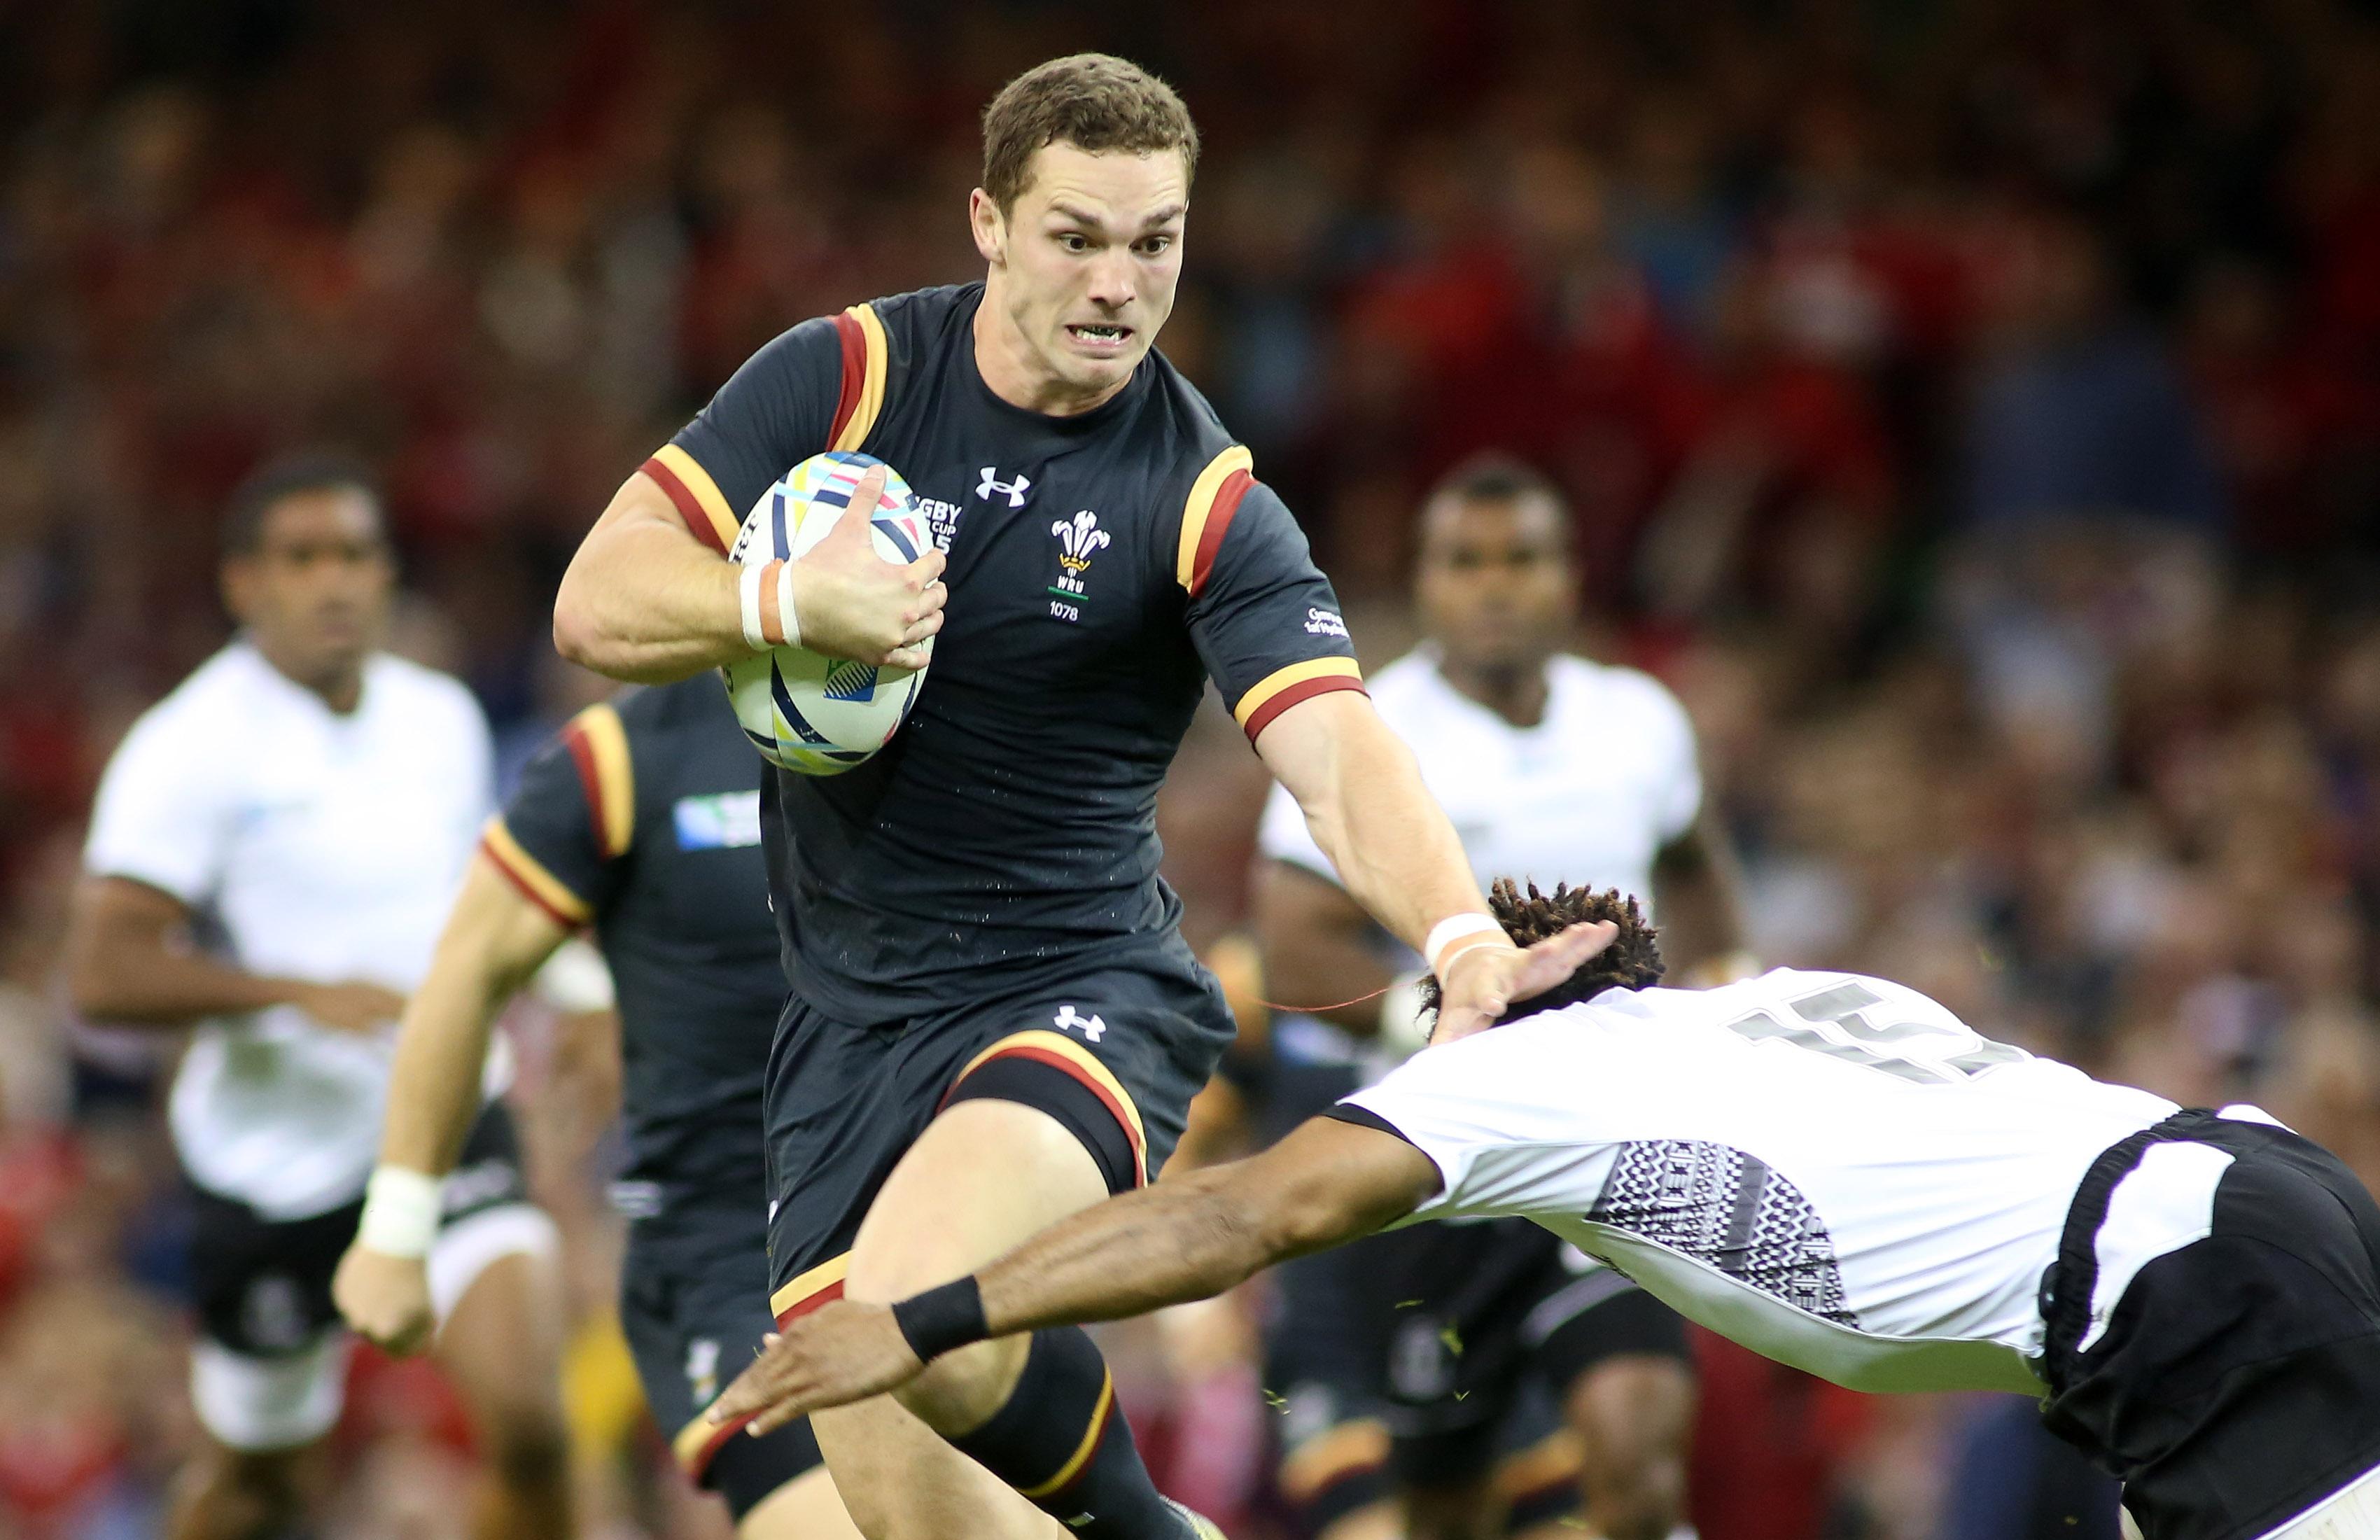 Les gallois mettent la pression sur les anglais coupe du monde 2015 rugby - Resultats coupe du monde 2015 rugby ...